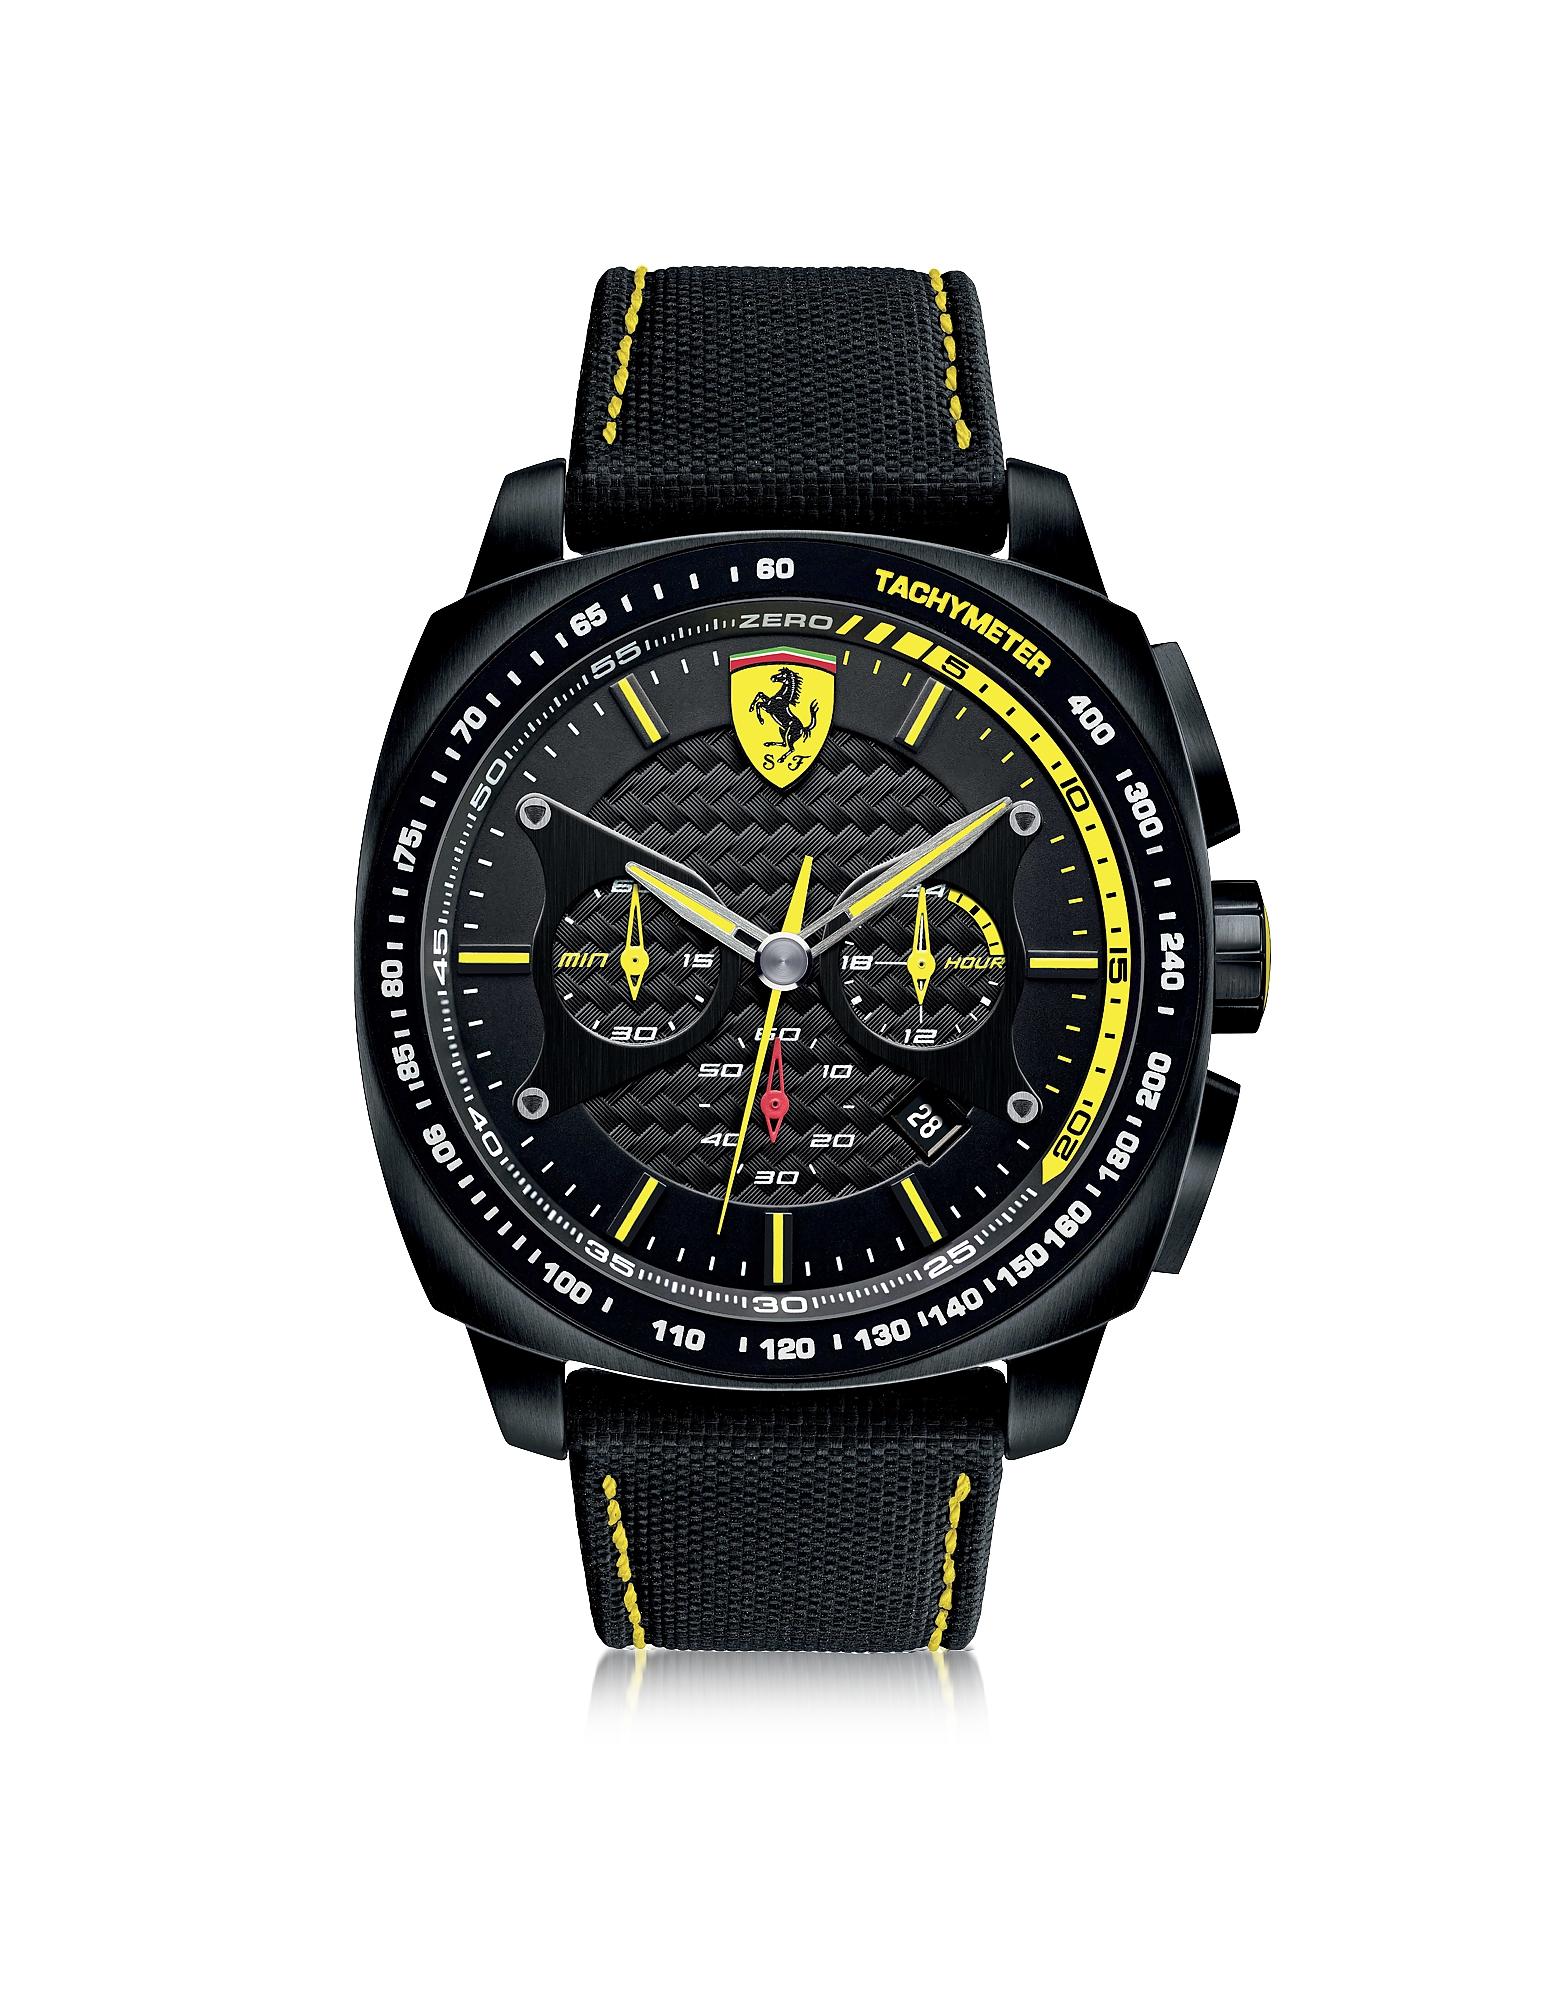 Aero Evo - Черные и Желтые Мужские Часы из Нержавеющей Стали с Ремешком из Нейлона